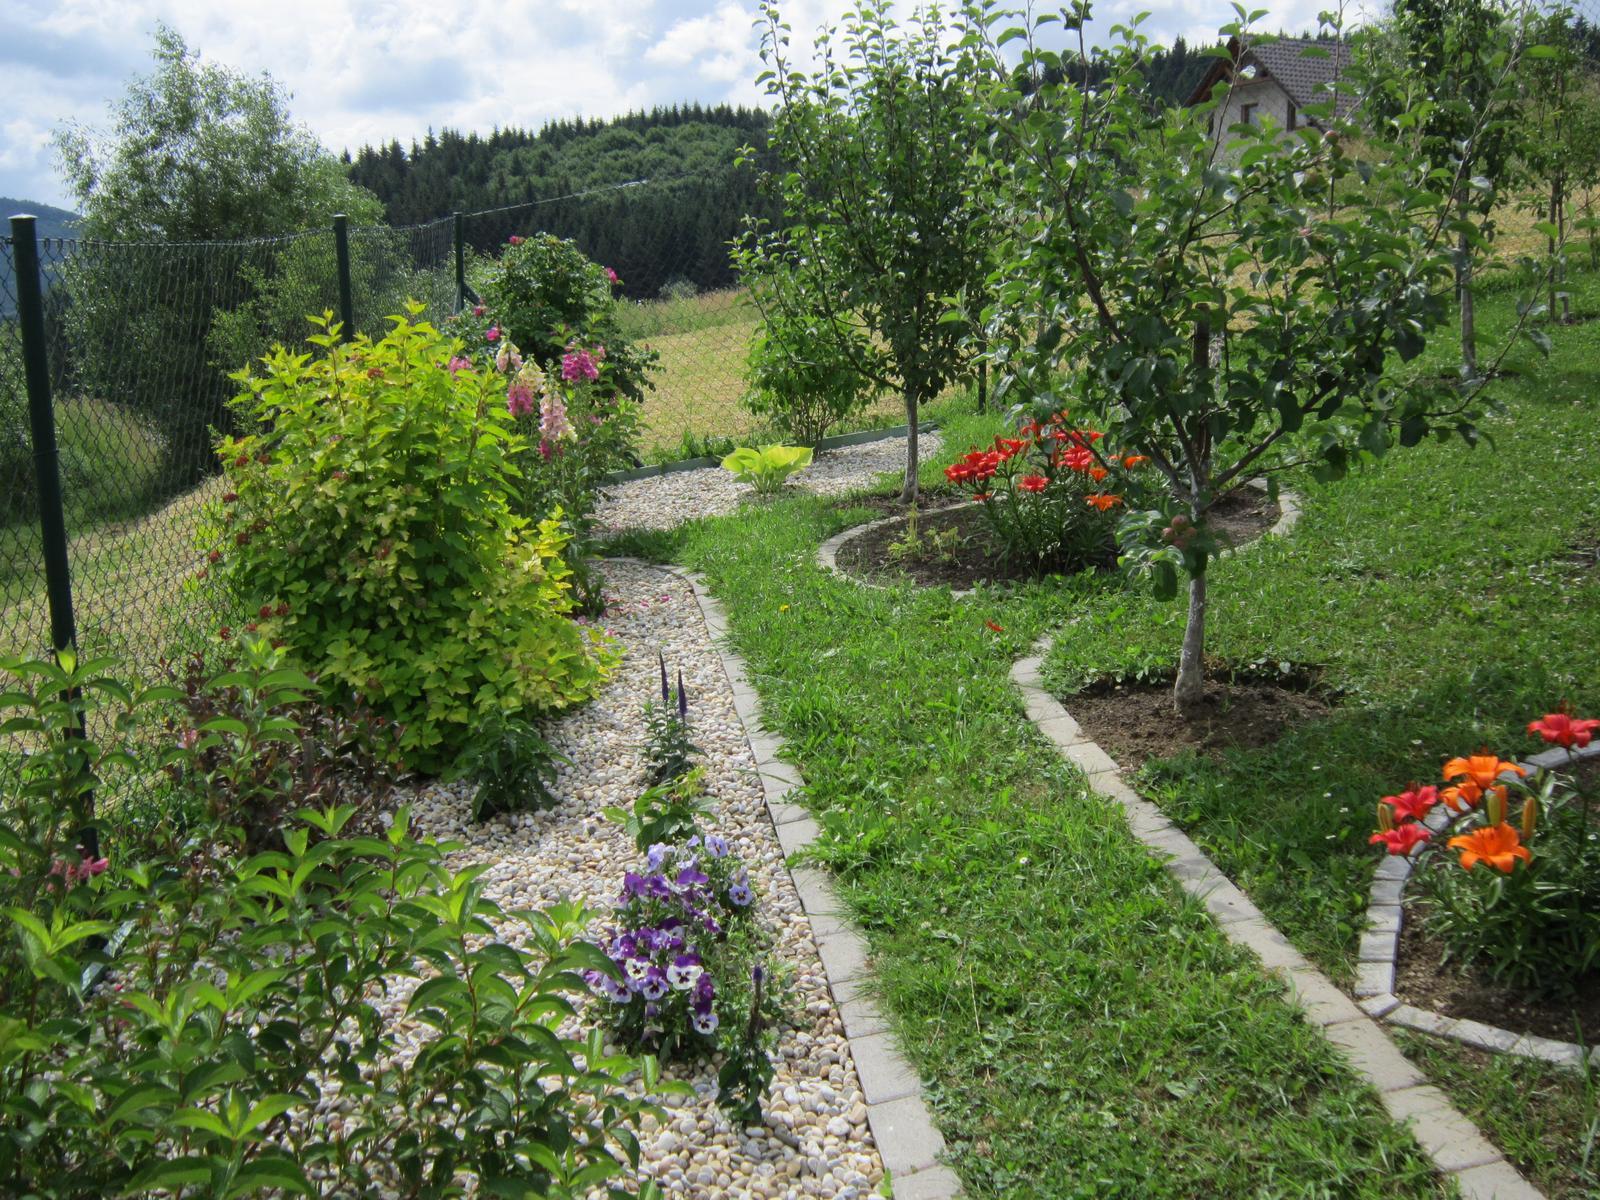 Moja záhrada...ako šiel čas - Obrázok č. 101